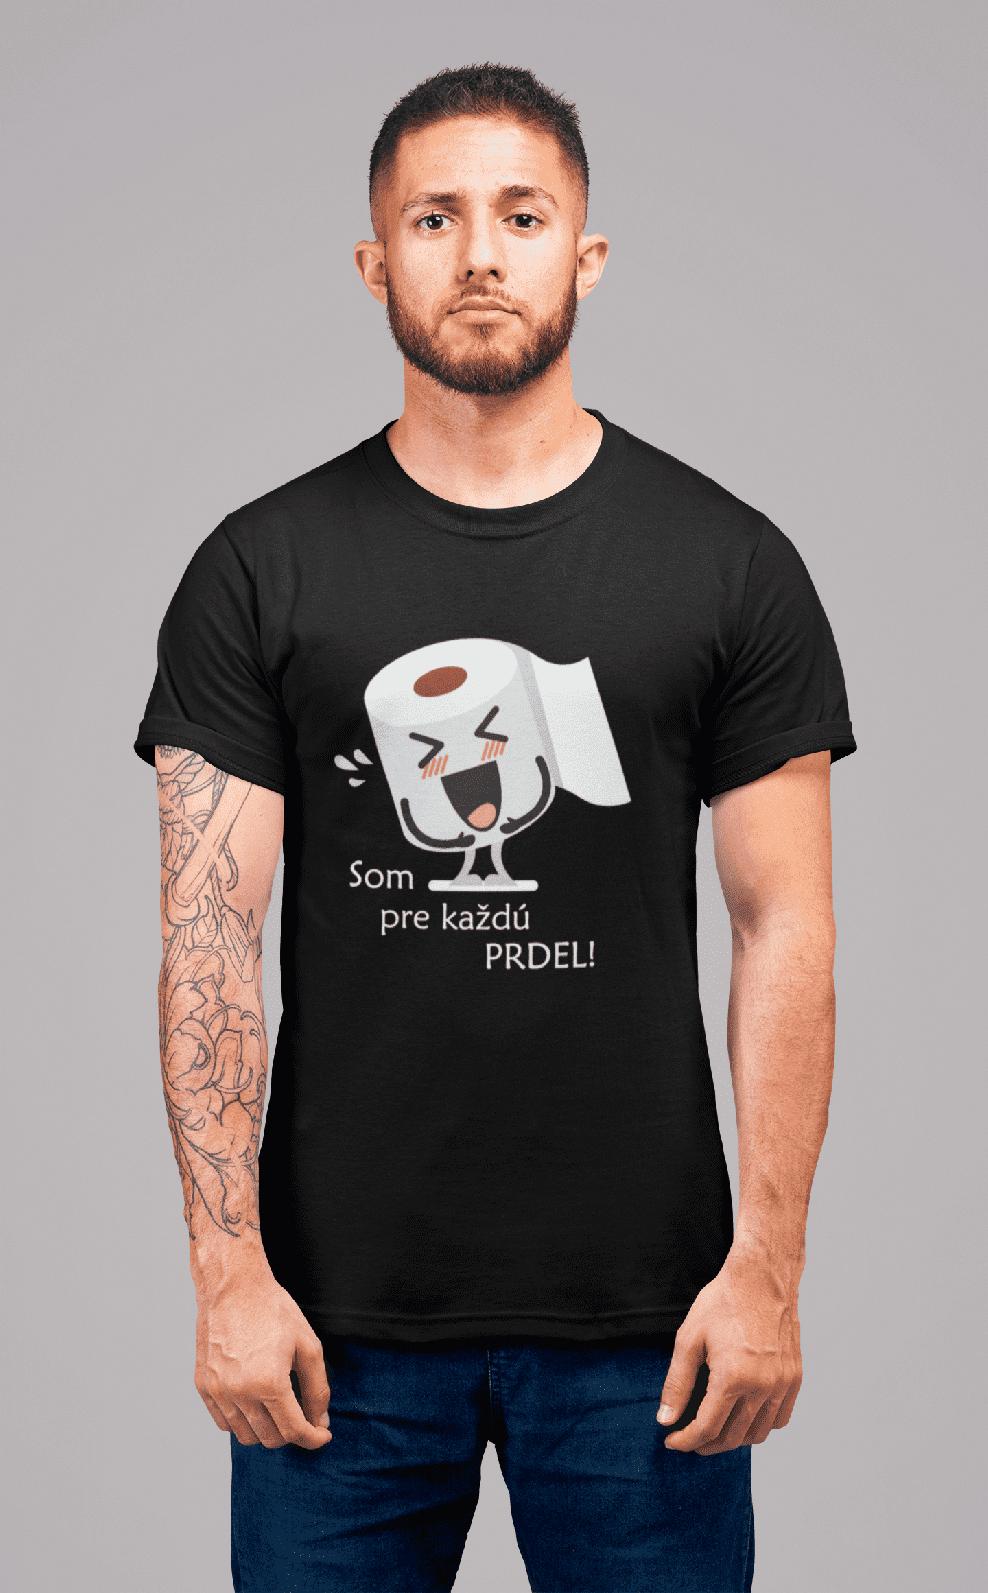 MMO Pánske tričko Som pre každú prdel Vyberte farbu: Čierna, Vyberte veľkosť: S